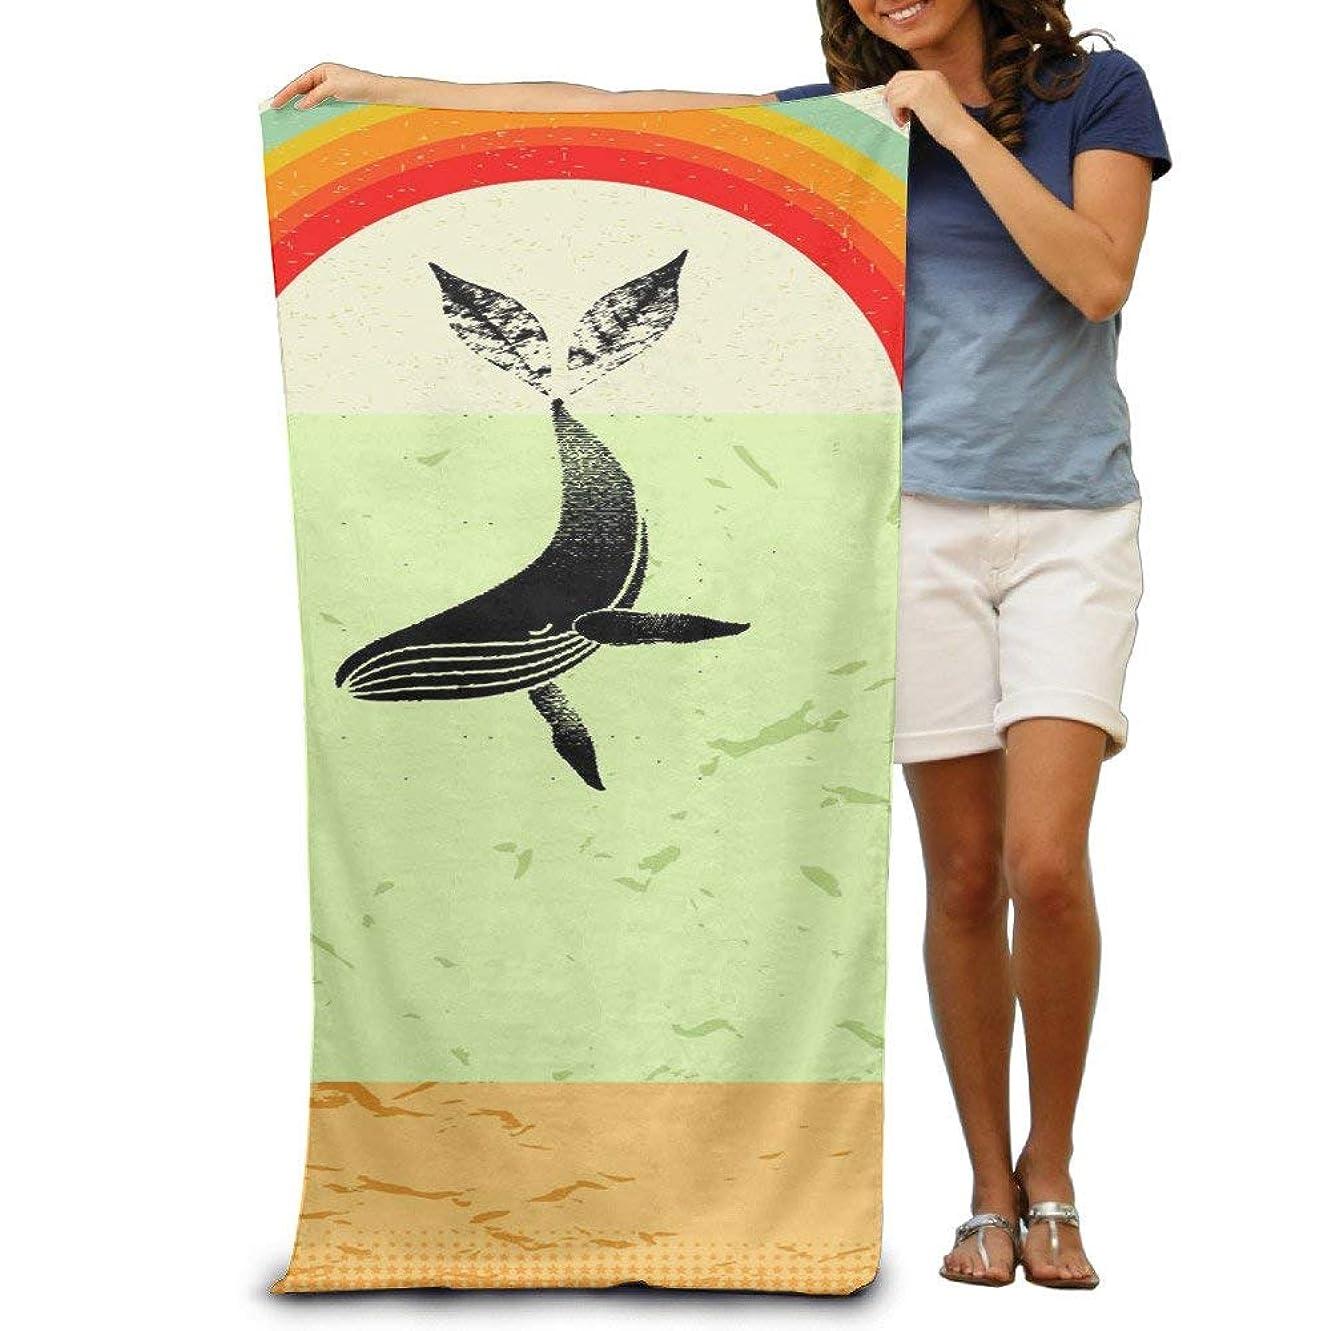 小さな従者放射する2017 の大人のクジラと虹の毛羽立ちのない31 x 51インチ用タオル